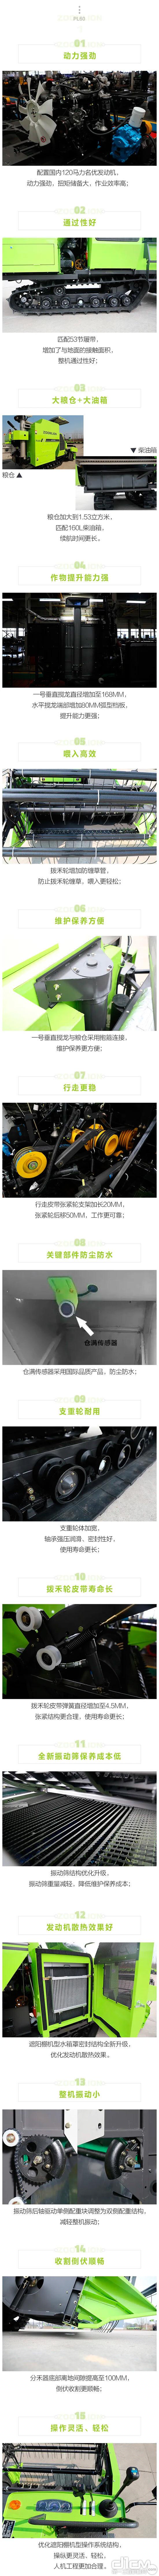 中联重科PL60履带式谷物联合收割机介绍